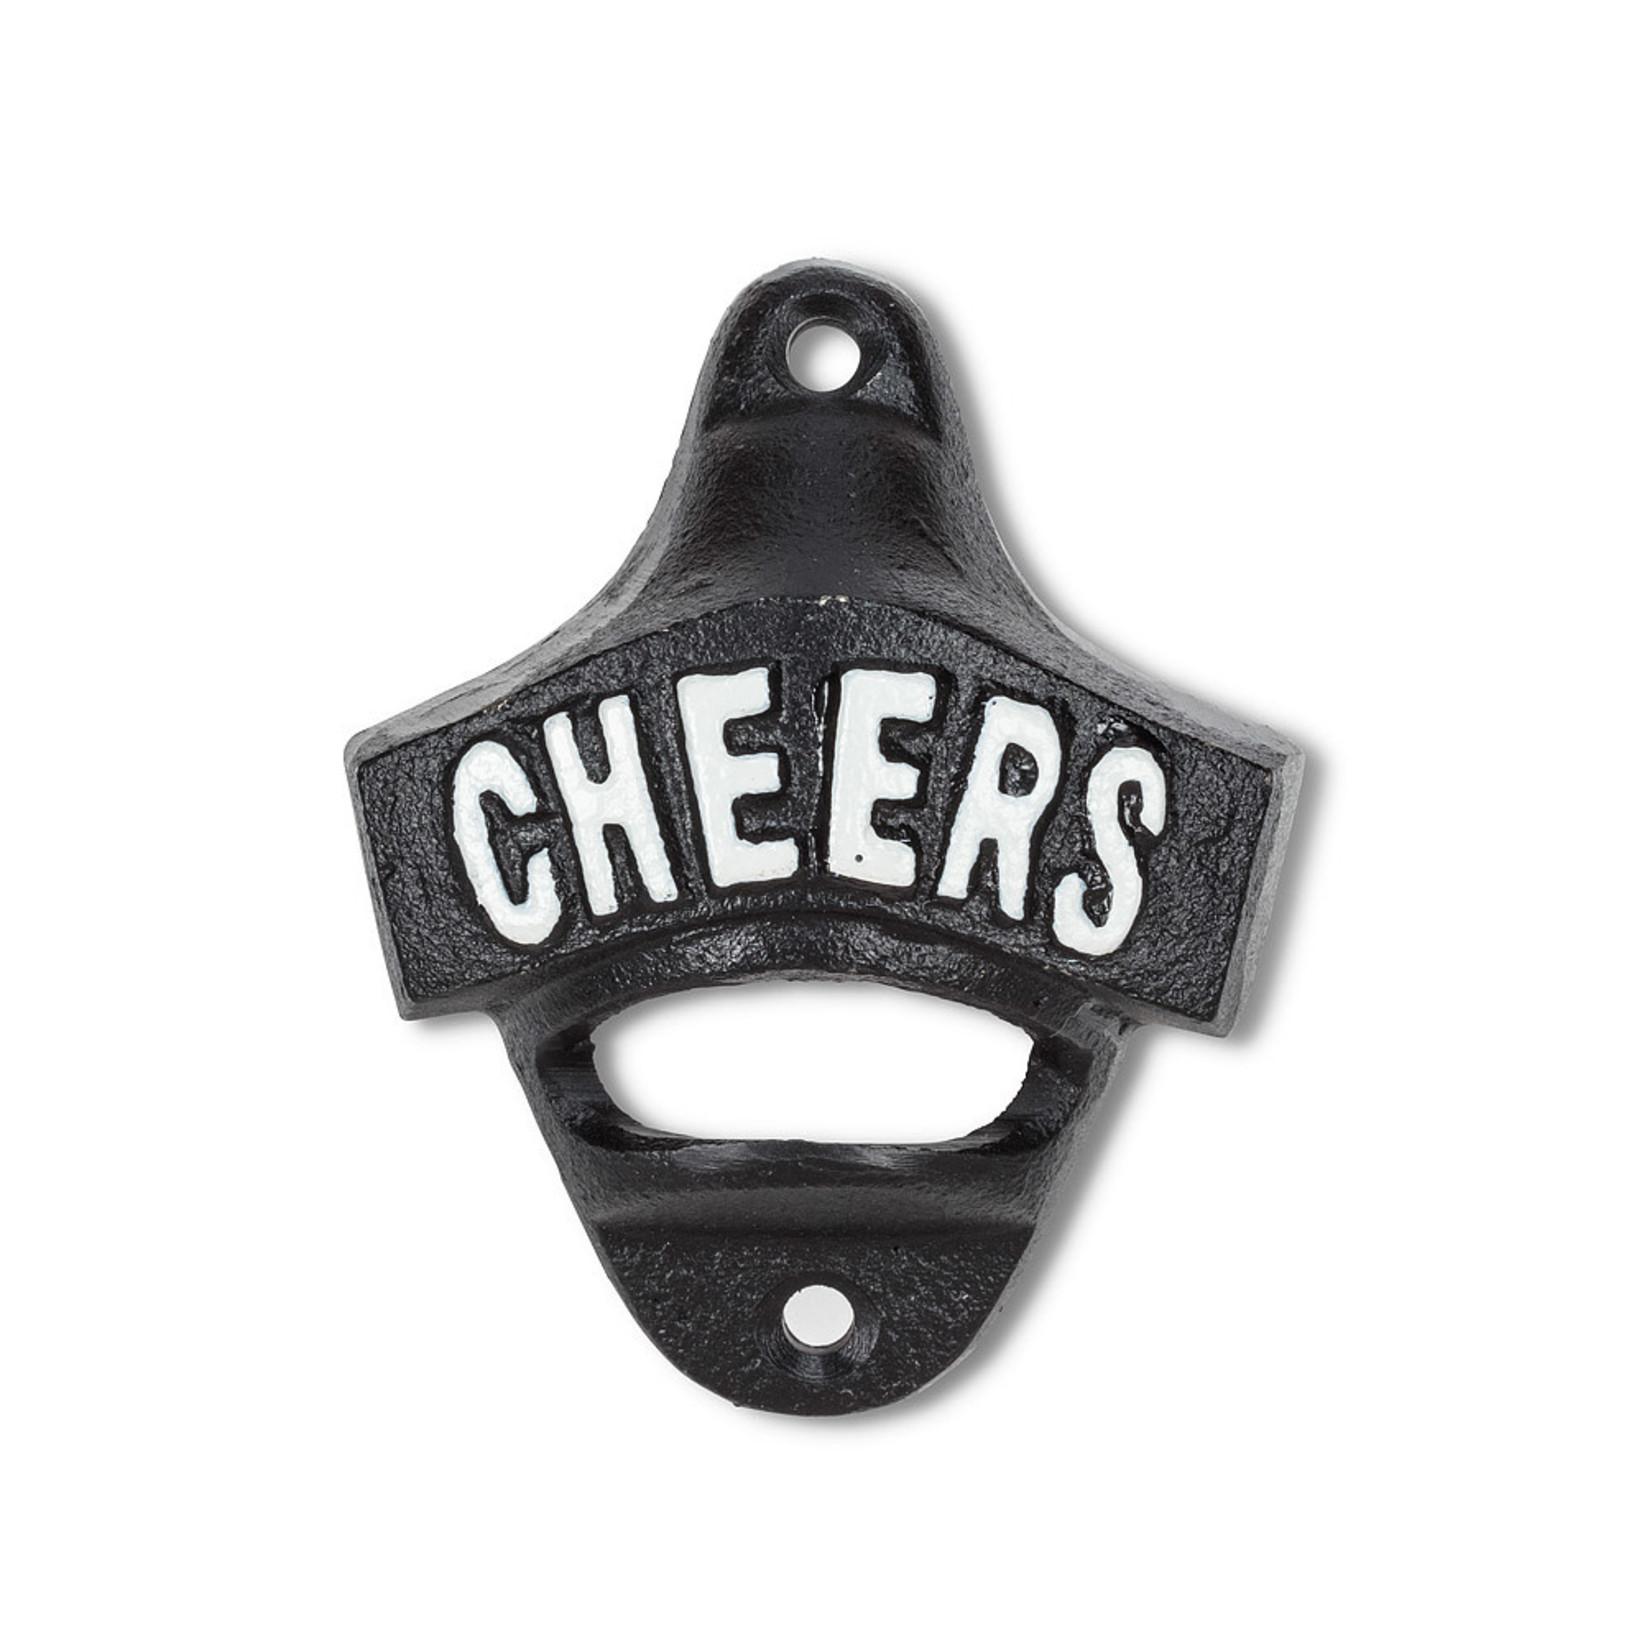 Cheers Wall Bottle Opener